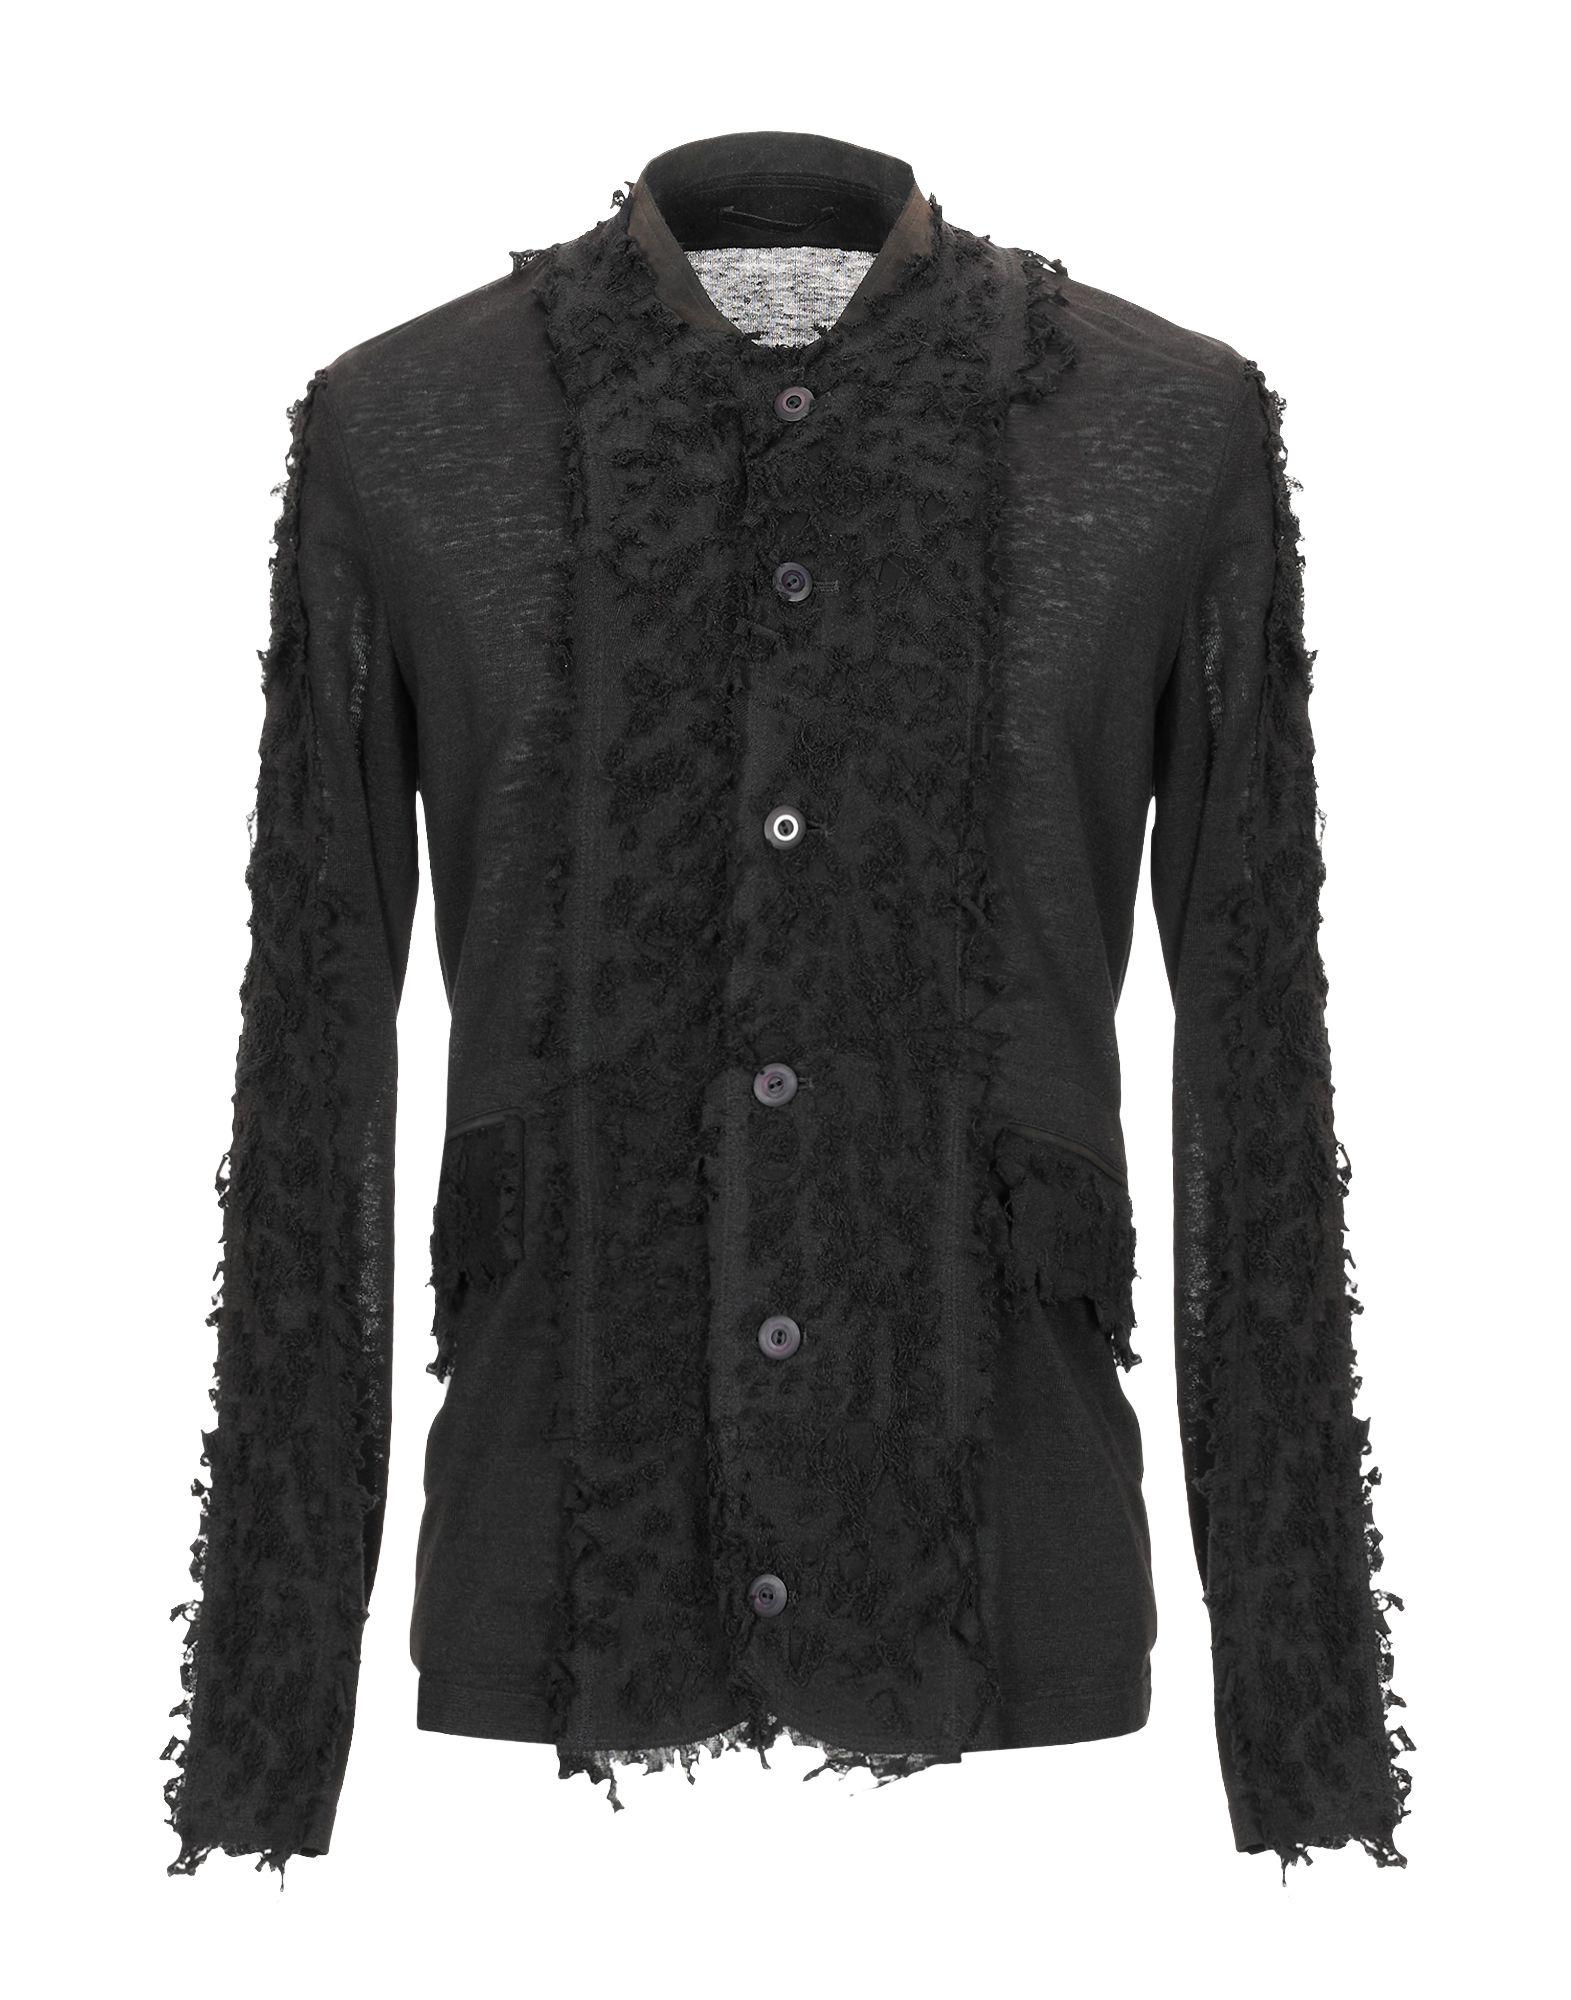 e514bf43a49c5 Buy coats & jackets for men - Best men's coats & jackets shop - Cools.com